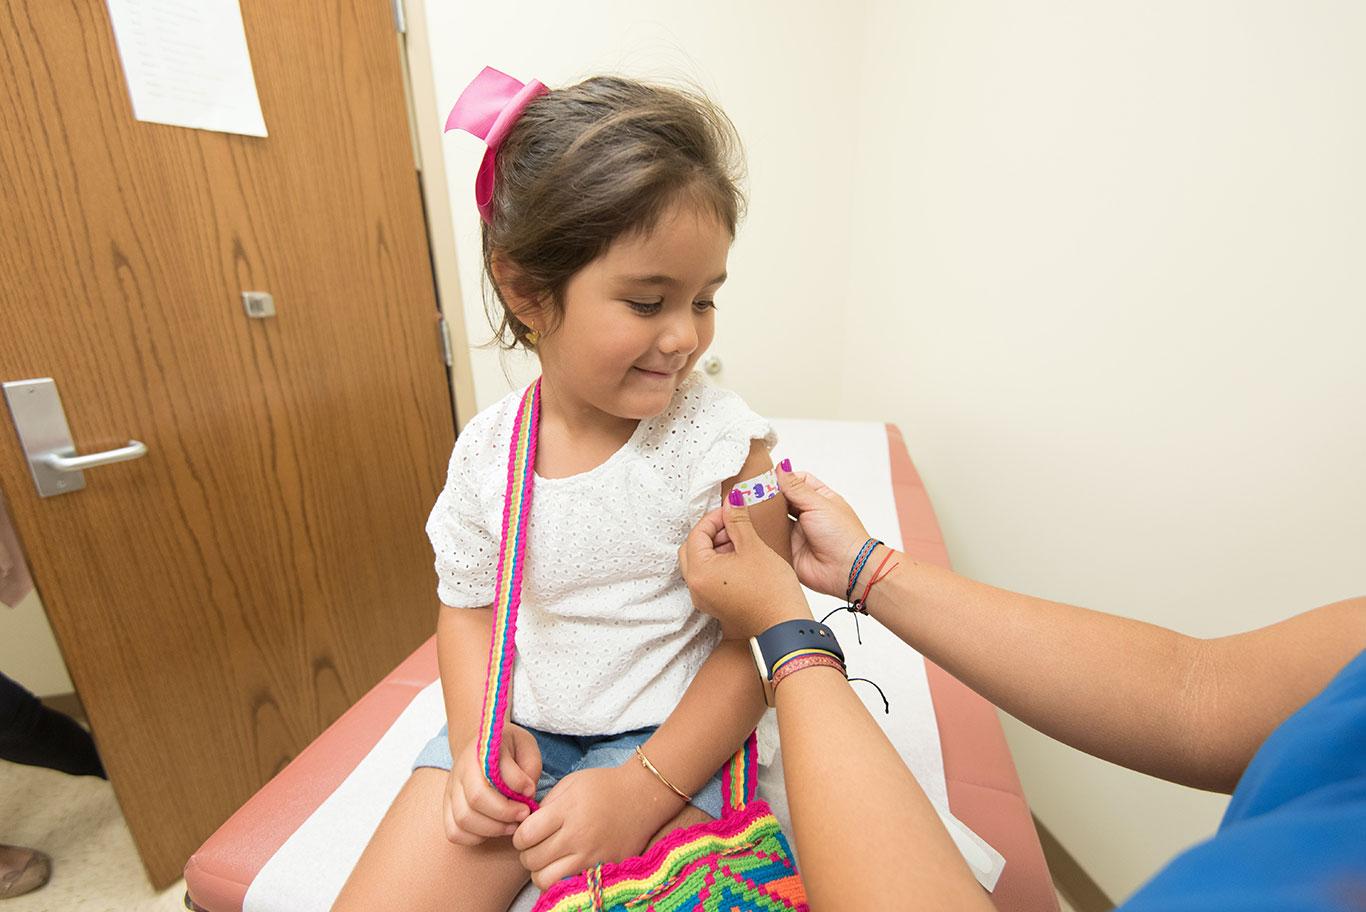 Imunização para próximo ano escolar (Foto: CDC/Pexels)